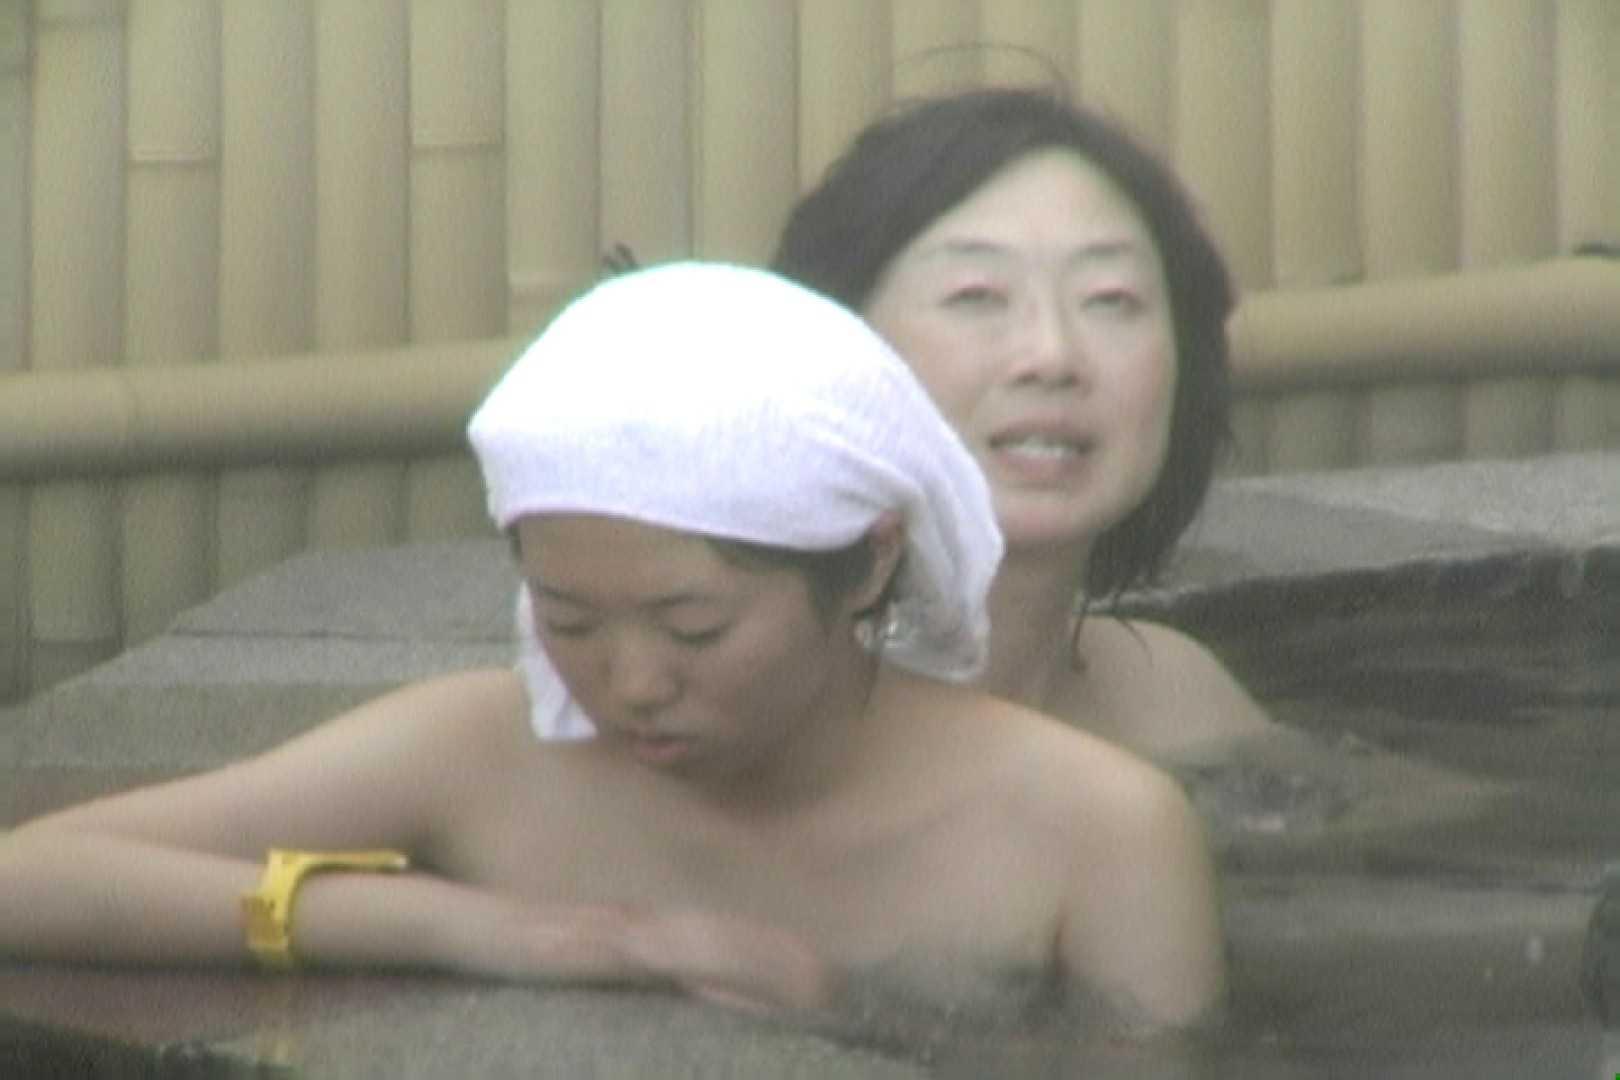 Aquaな露天風呂Vol.625 美しいOLの裸体  91pic 3